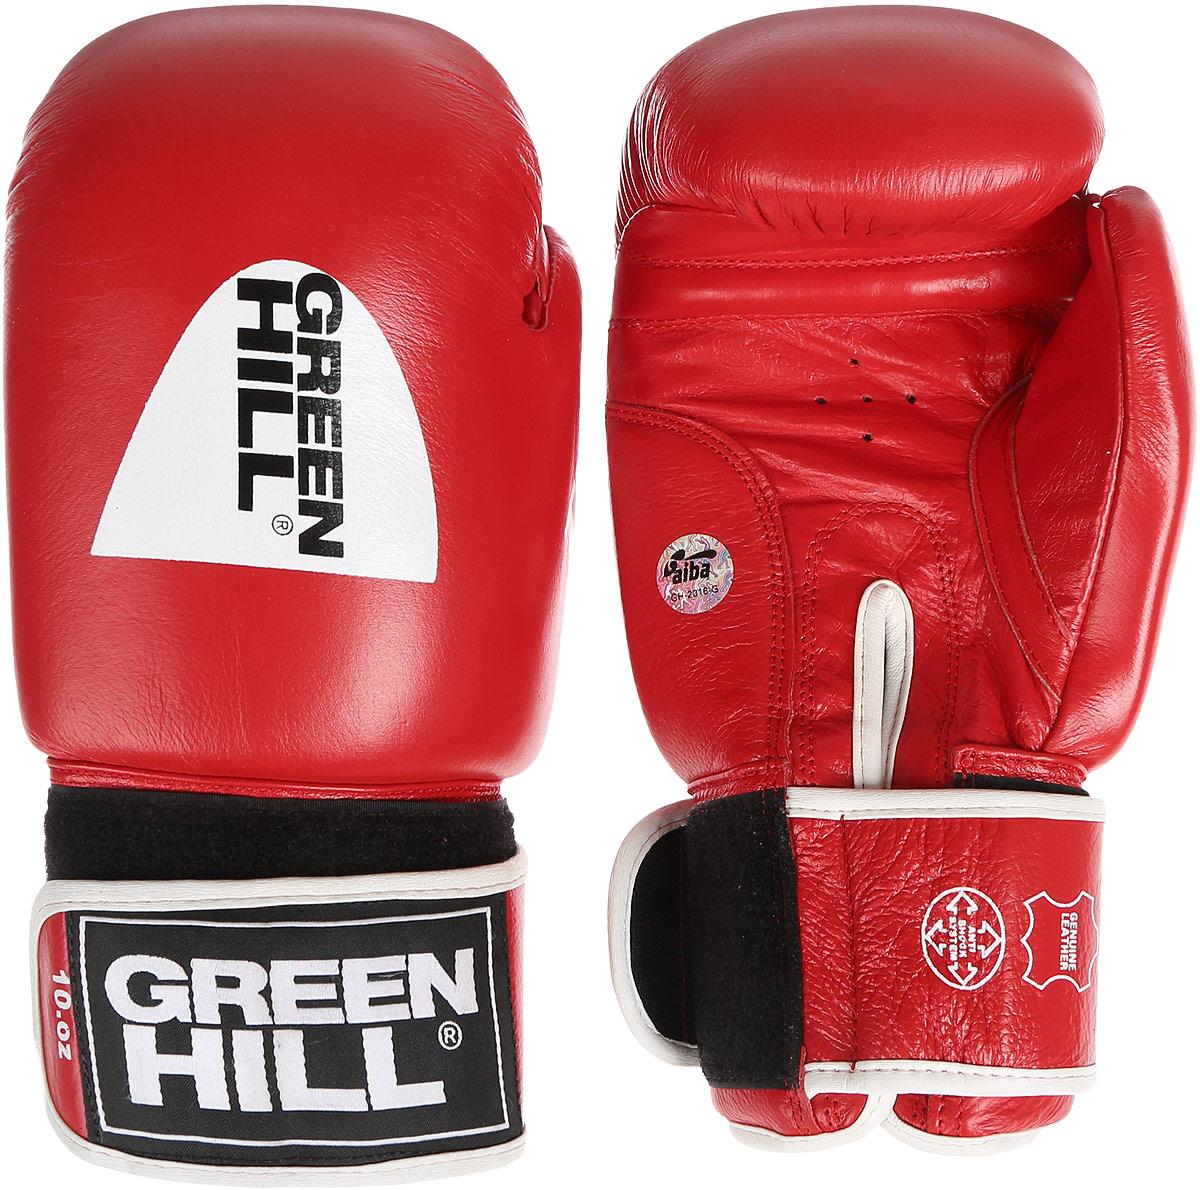 Перчатки боксерские Green Hill Tiger, цвет: красный, черный, белый. Вес 10 унций. BGT-2010аBGT-2010аБоксерские перчатки Green Hill Tiger, одобренные международной ассоциацией любительского бокса (AIBA), прекрасно подойдут для прогрессирующих спортсменов. Верх выполнен из натуральной кожи, наполнитель - из пенополиуретана. Точечная вентиляция в области ладони позволяет создать максимально комфортный терморежим во время занятий. Широкий ремень, охватывая запястье, полностью оборачивается вокруг манжеты, благодаря чему создается дополнительная защита лучезапястного сустава от травмирования. Перчатки прекрасно сидят на руке. Застежка на липучке способствует быстрому и удобному надеванию перчаток, плотно фиксирует перчатки на руке.